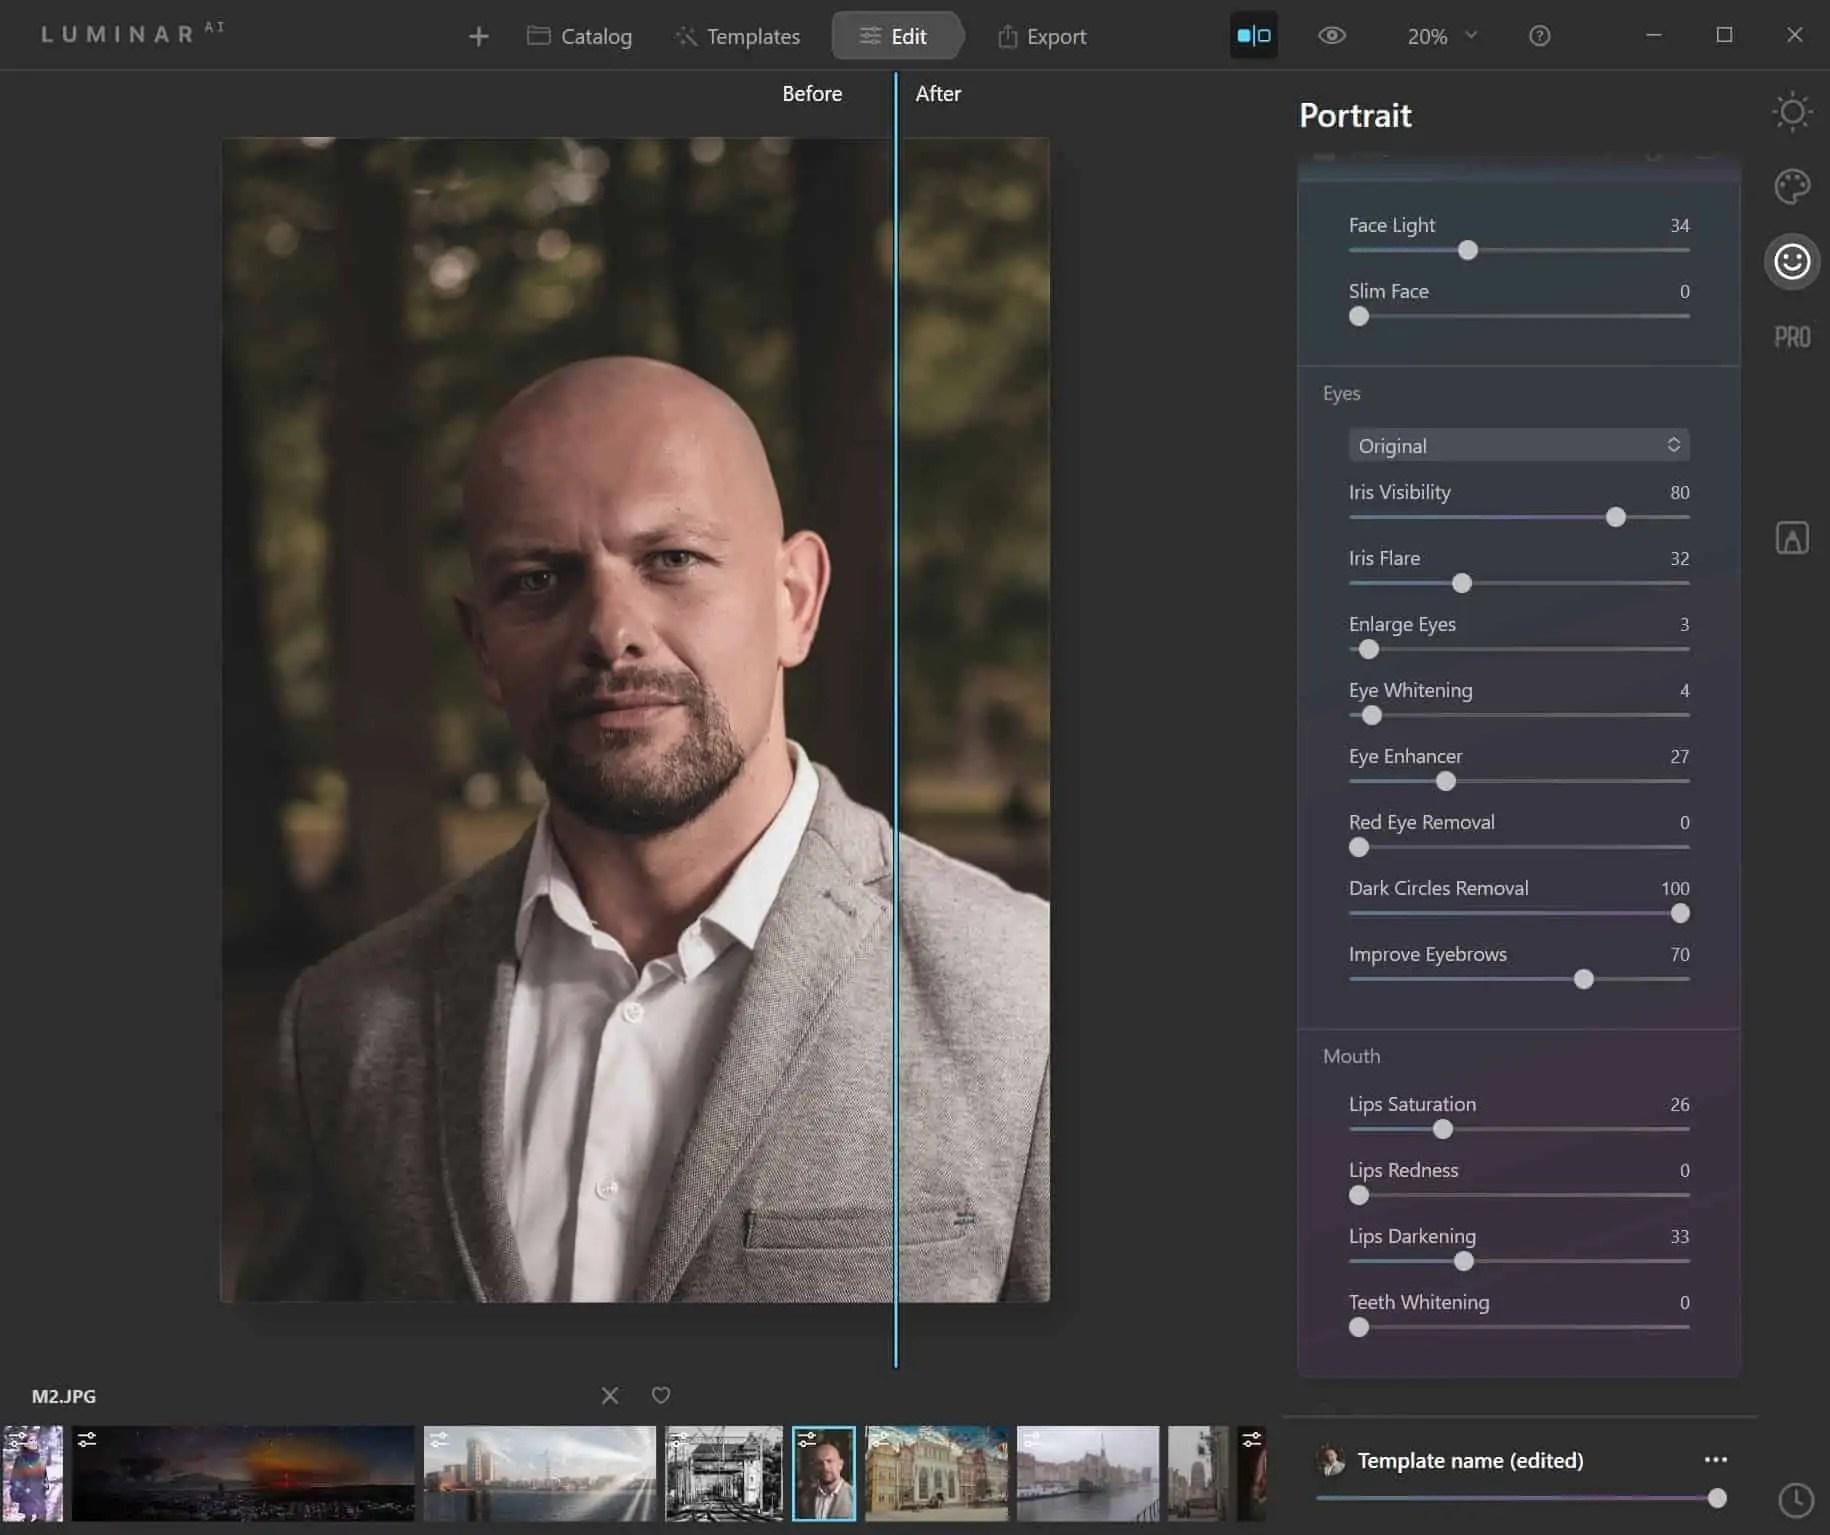 Program luminar ai retusz twarzy PRZED - Program Luminar AI po polsku czyli sztuczna inteligencja do zdjęc w 2020